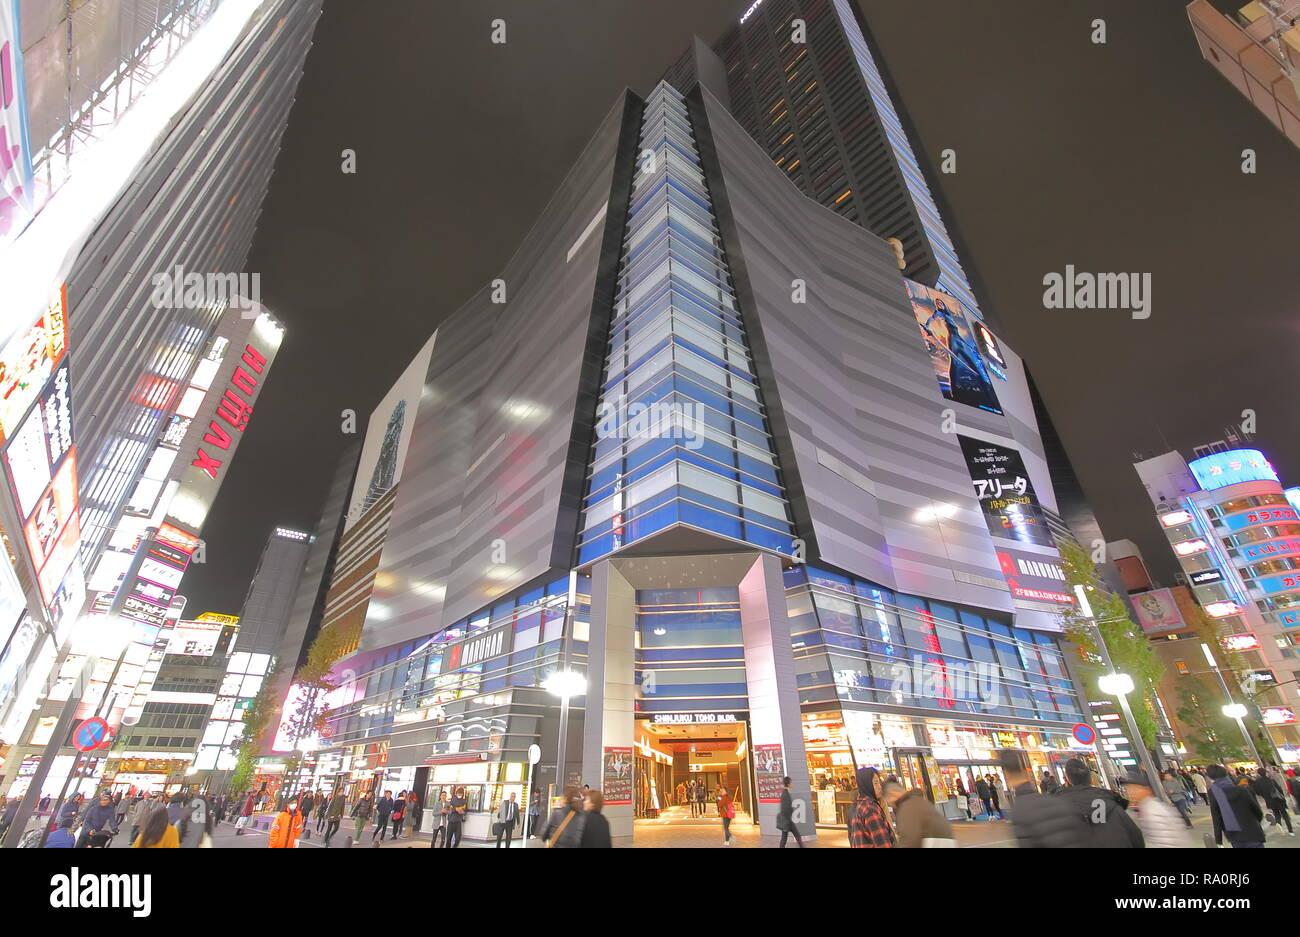 People Visit Toho Cinemas Movie Theatre Shinjuku In Tokyo Japan Stock Photo Alamy